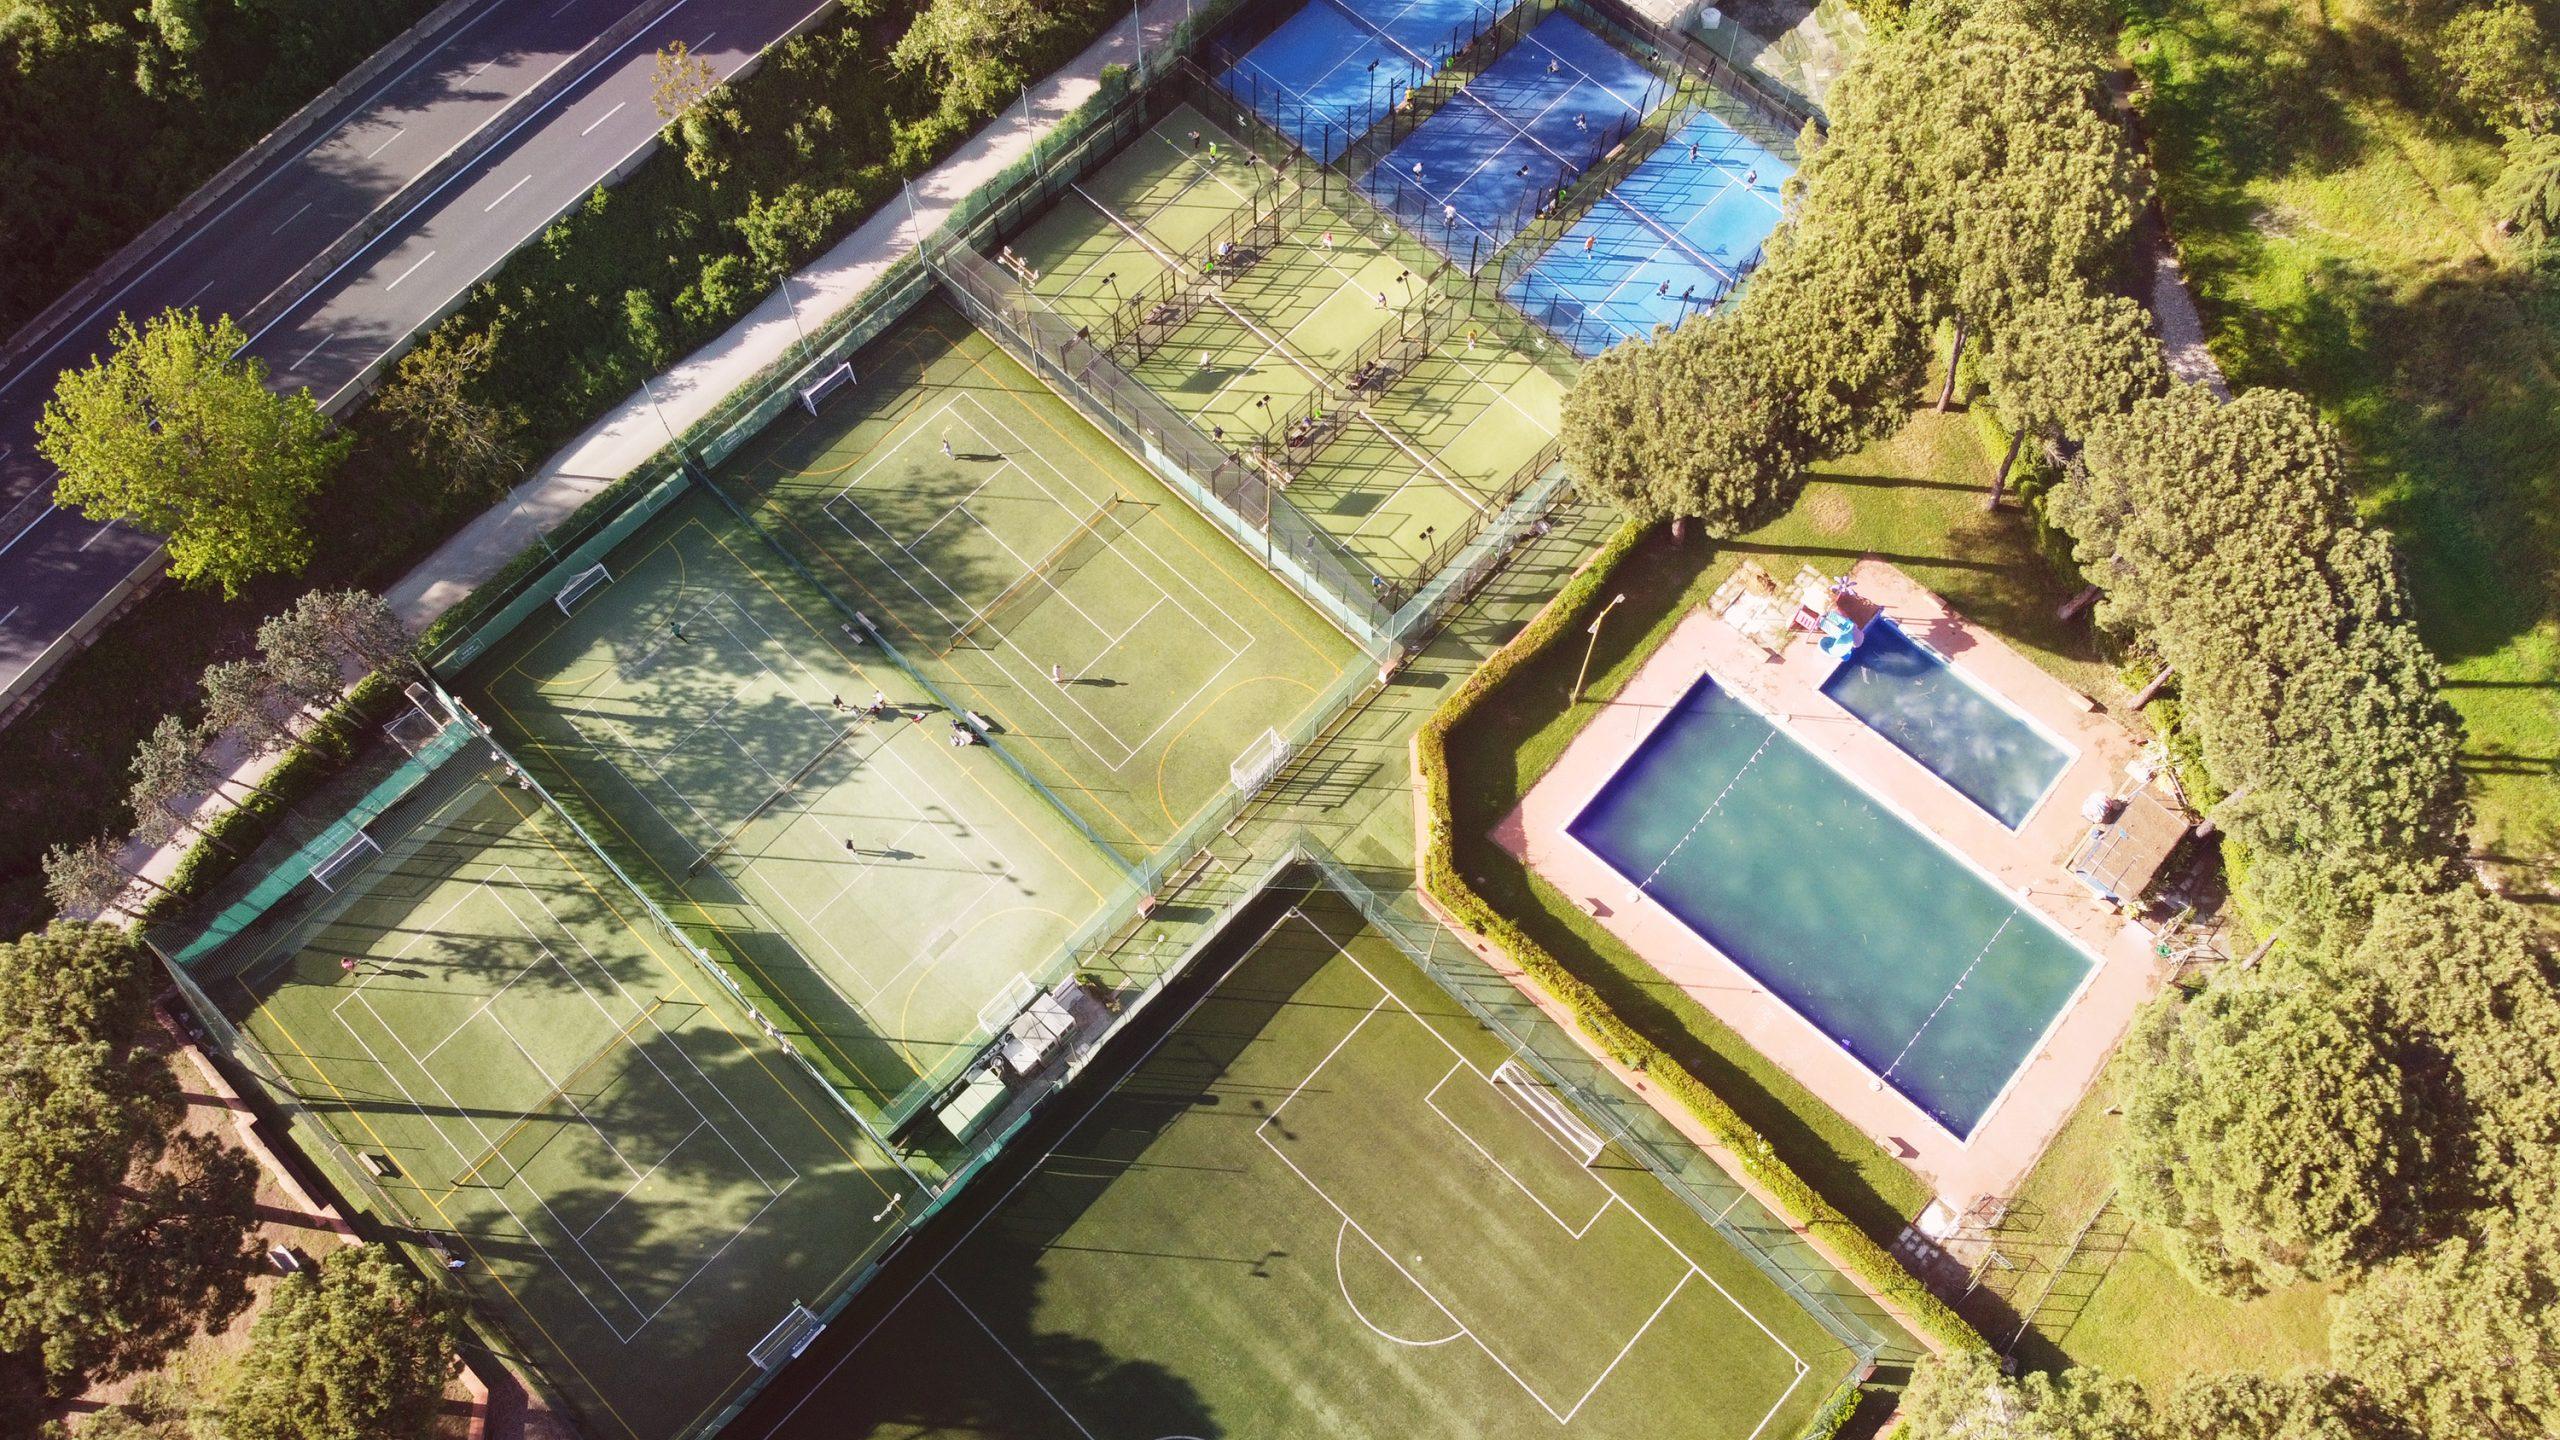 New Zodiac di Tavarnuzze, il piacere dello sport: campi aperti e…raddoppiati. Il Paddle? Un boom clamoroso!